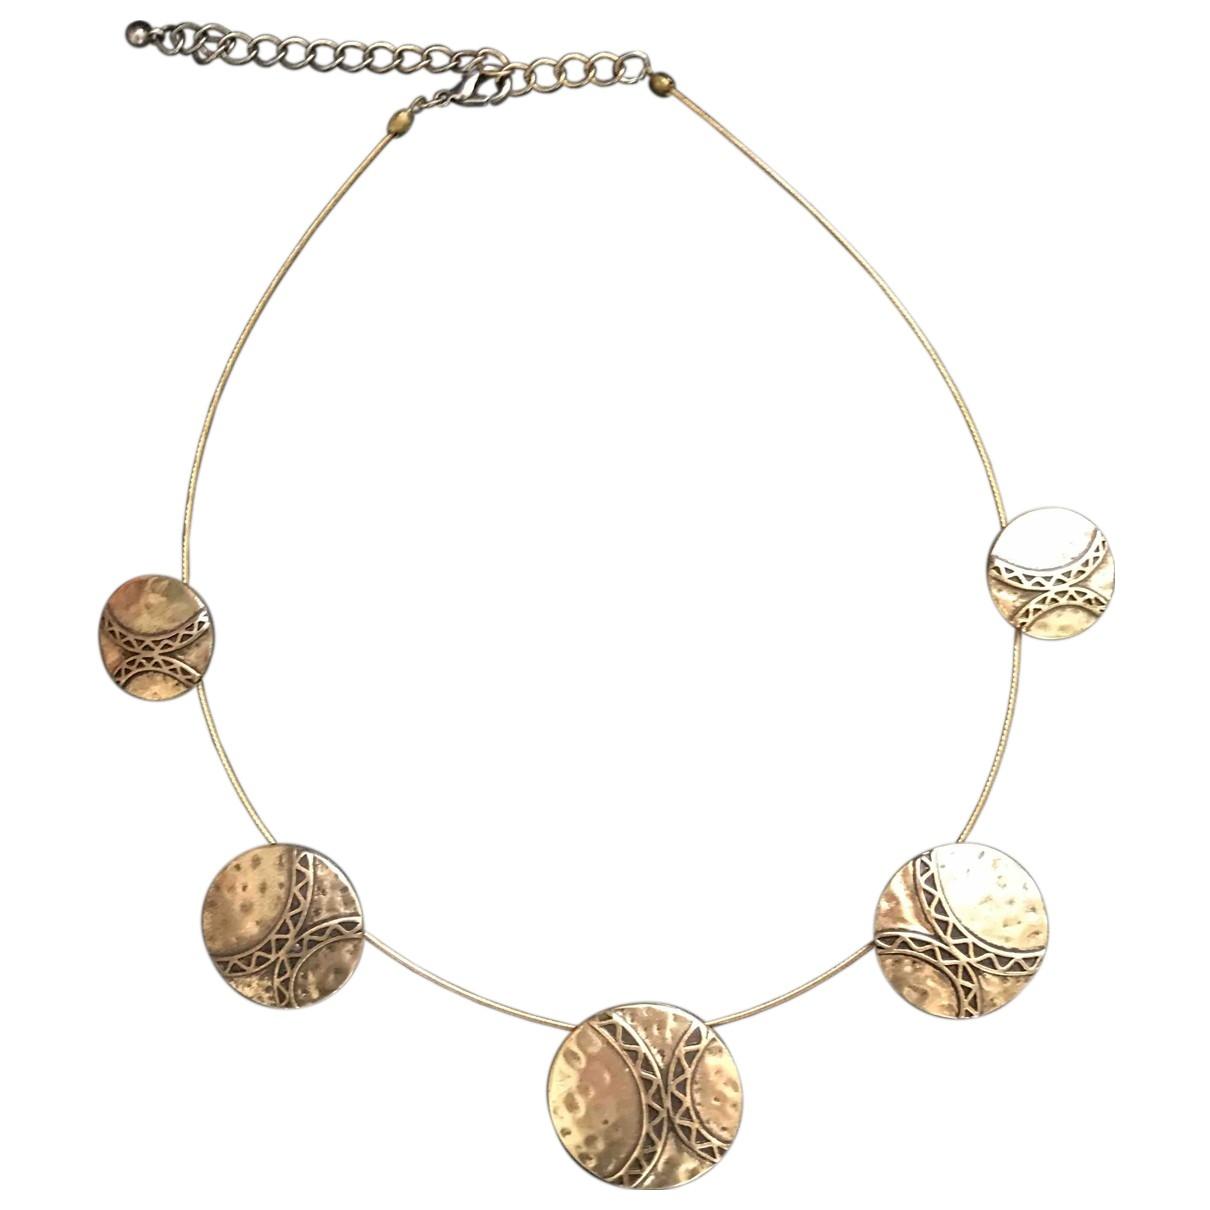 - Collier Motifs Ethniques pour femme en metal - dore